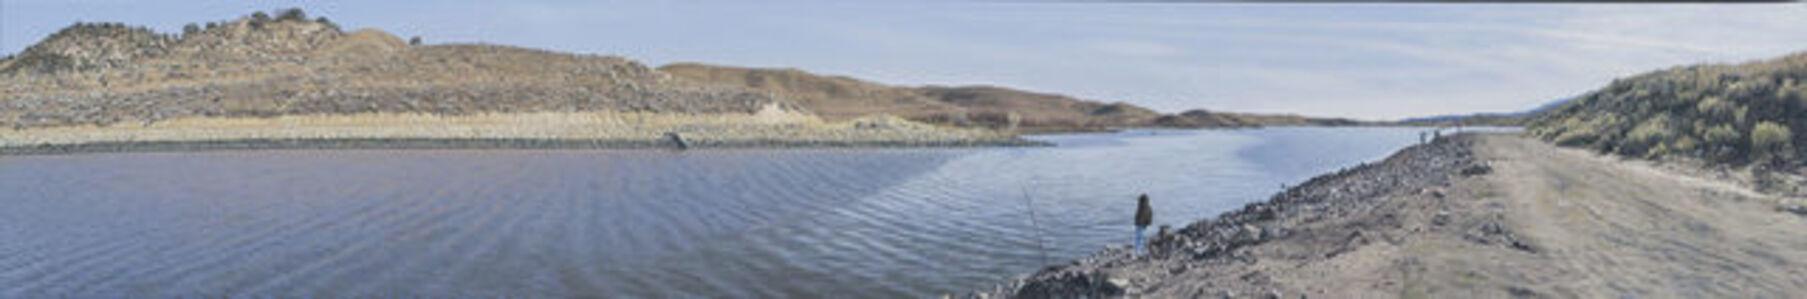 Aqueduct at Quail Lake